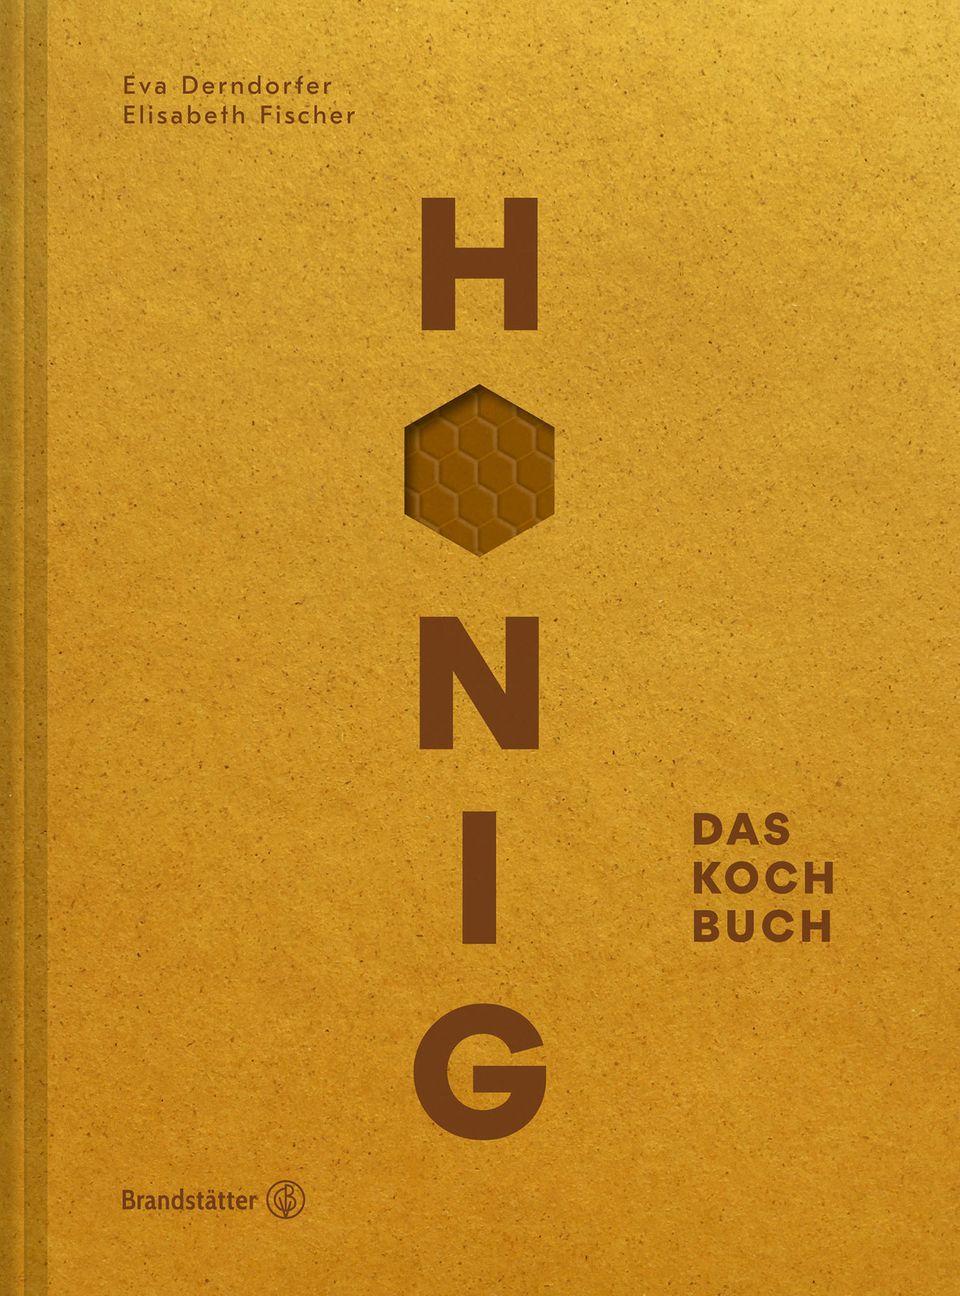 Mehr über Urban beekeeping und das Lebenswerk einer Honigbiene finden Sie in: Honig. Von Eva Derndorfer und Elisabeth Fischer. Brandstätter Verlag. 224 Seiten. 34,90 Euro.